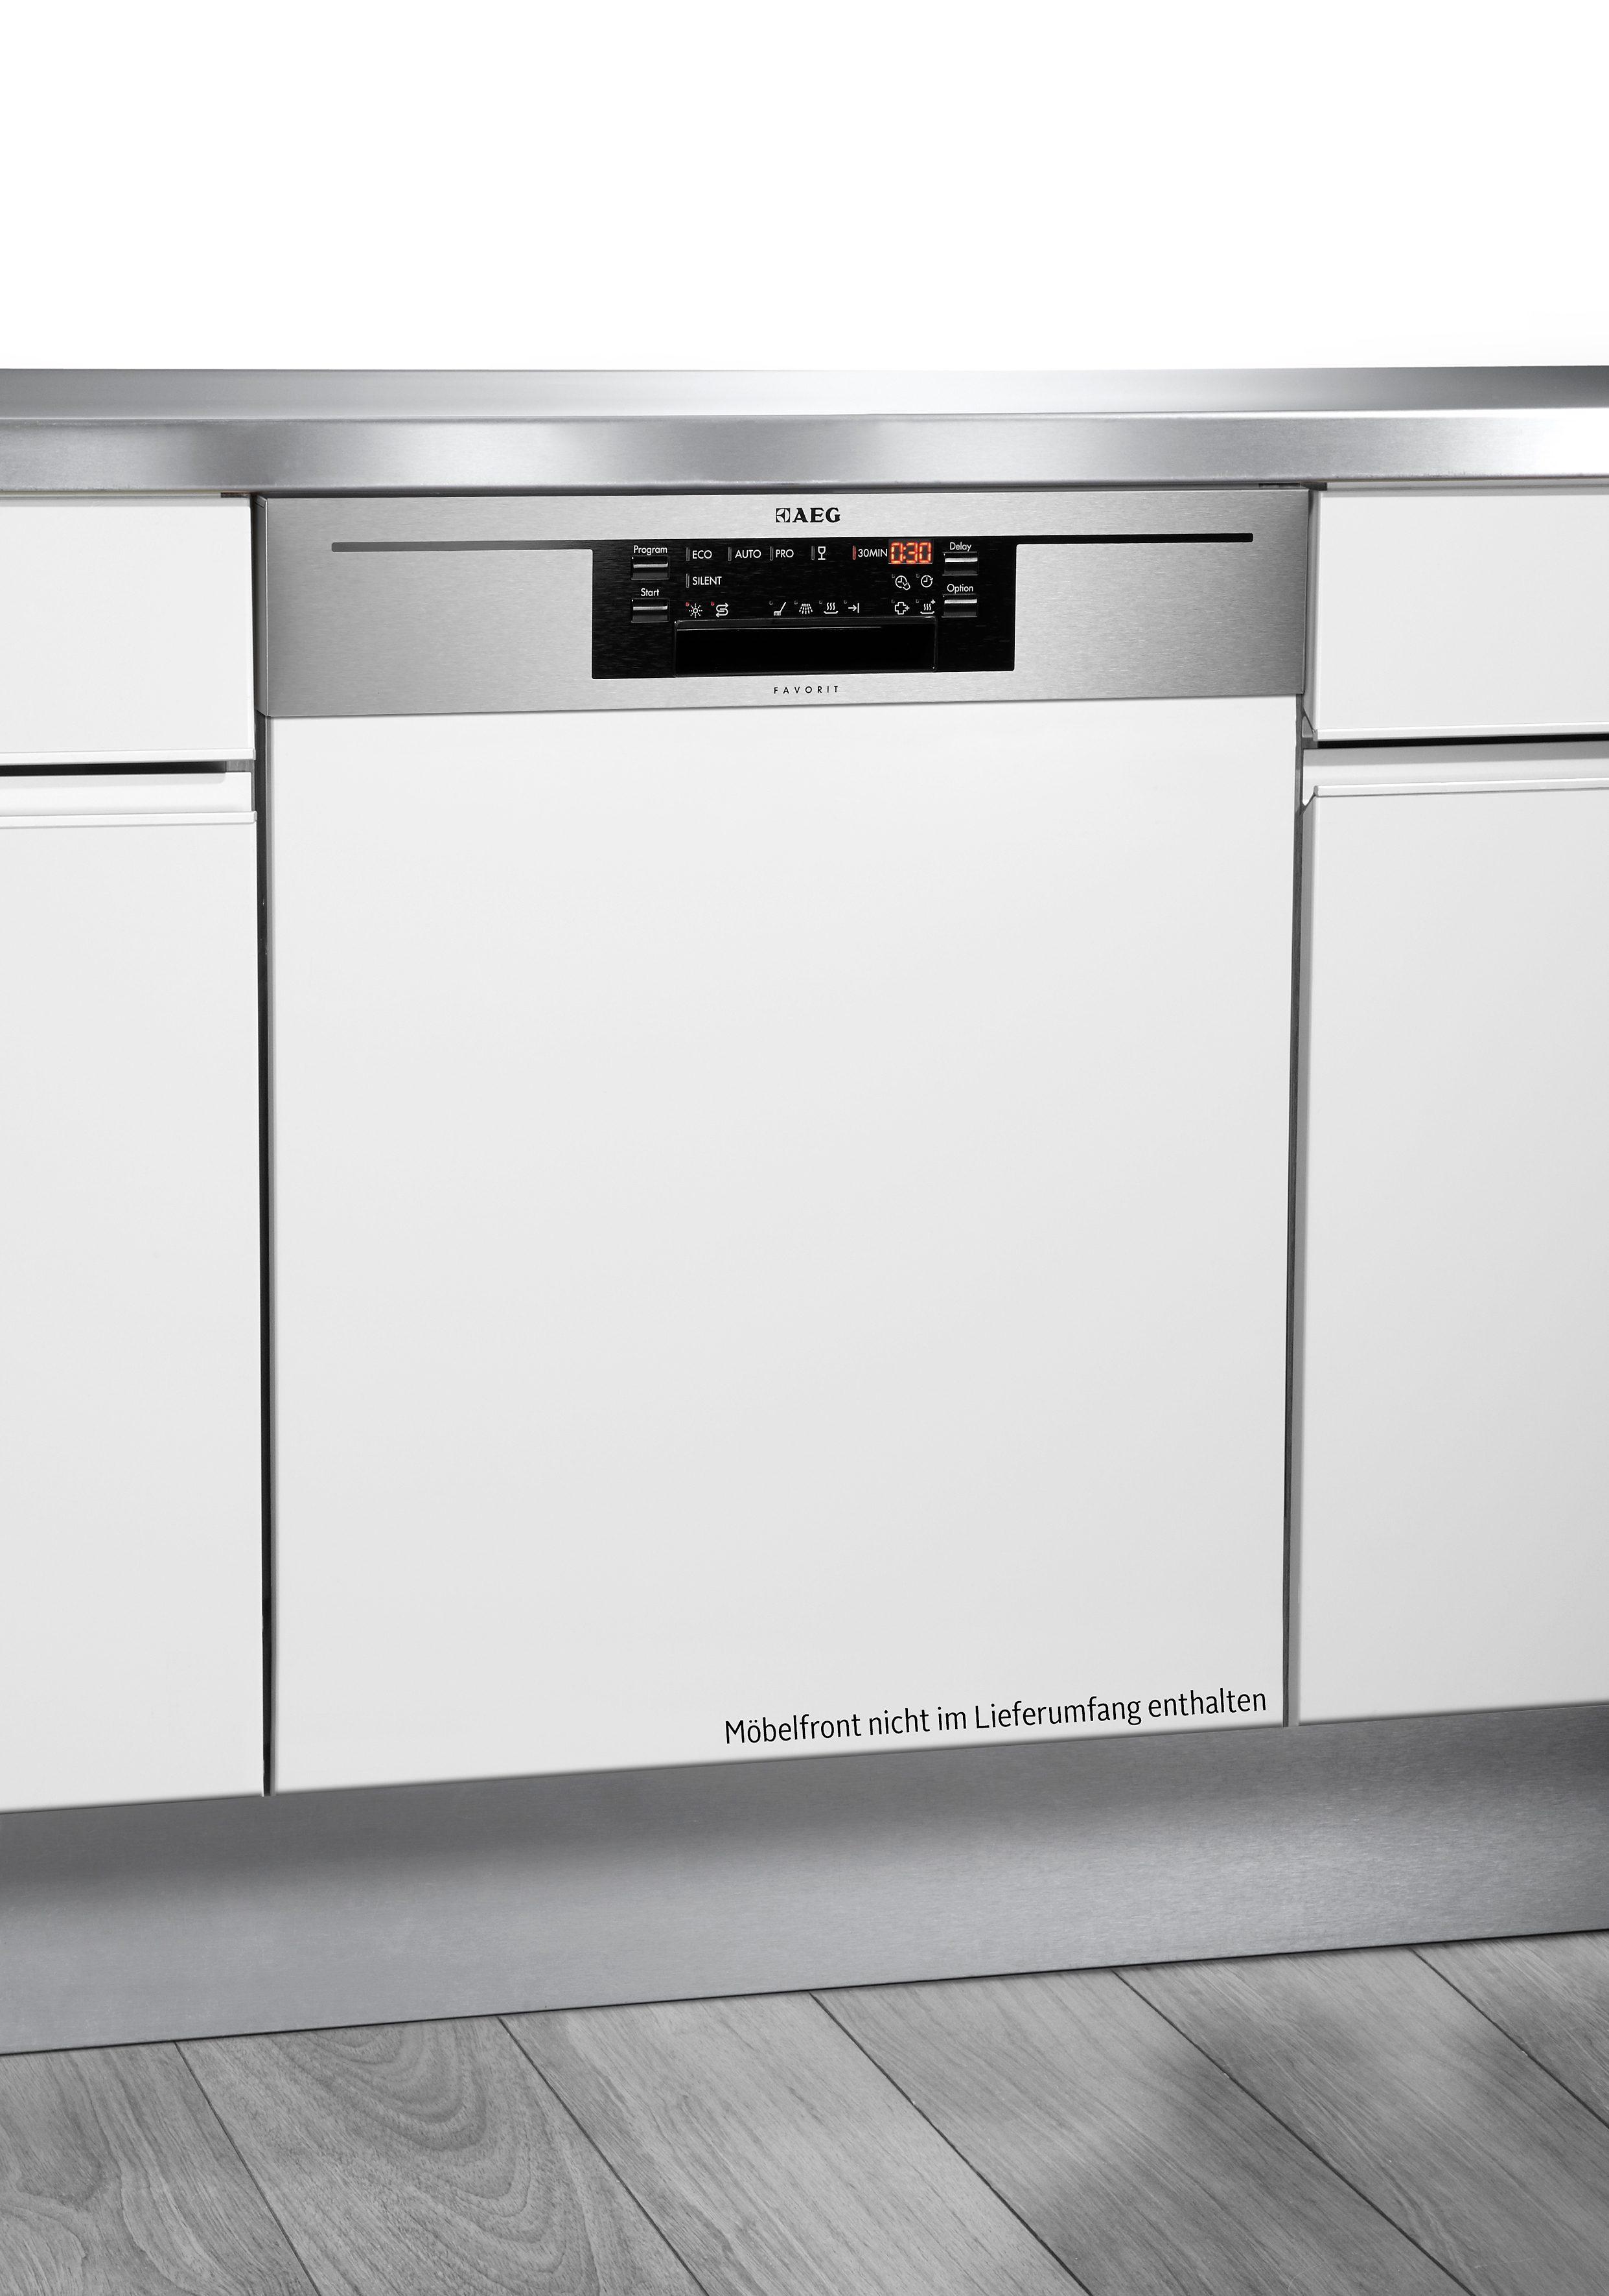 AEG integrierbarer Einbau-Geschirrspüler FAVORIT / F76602IM0P, A+++, 10,2 Liter, 13 Maßgedecke